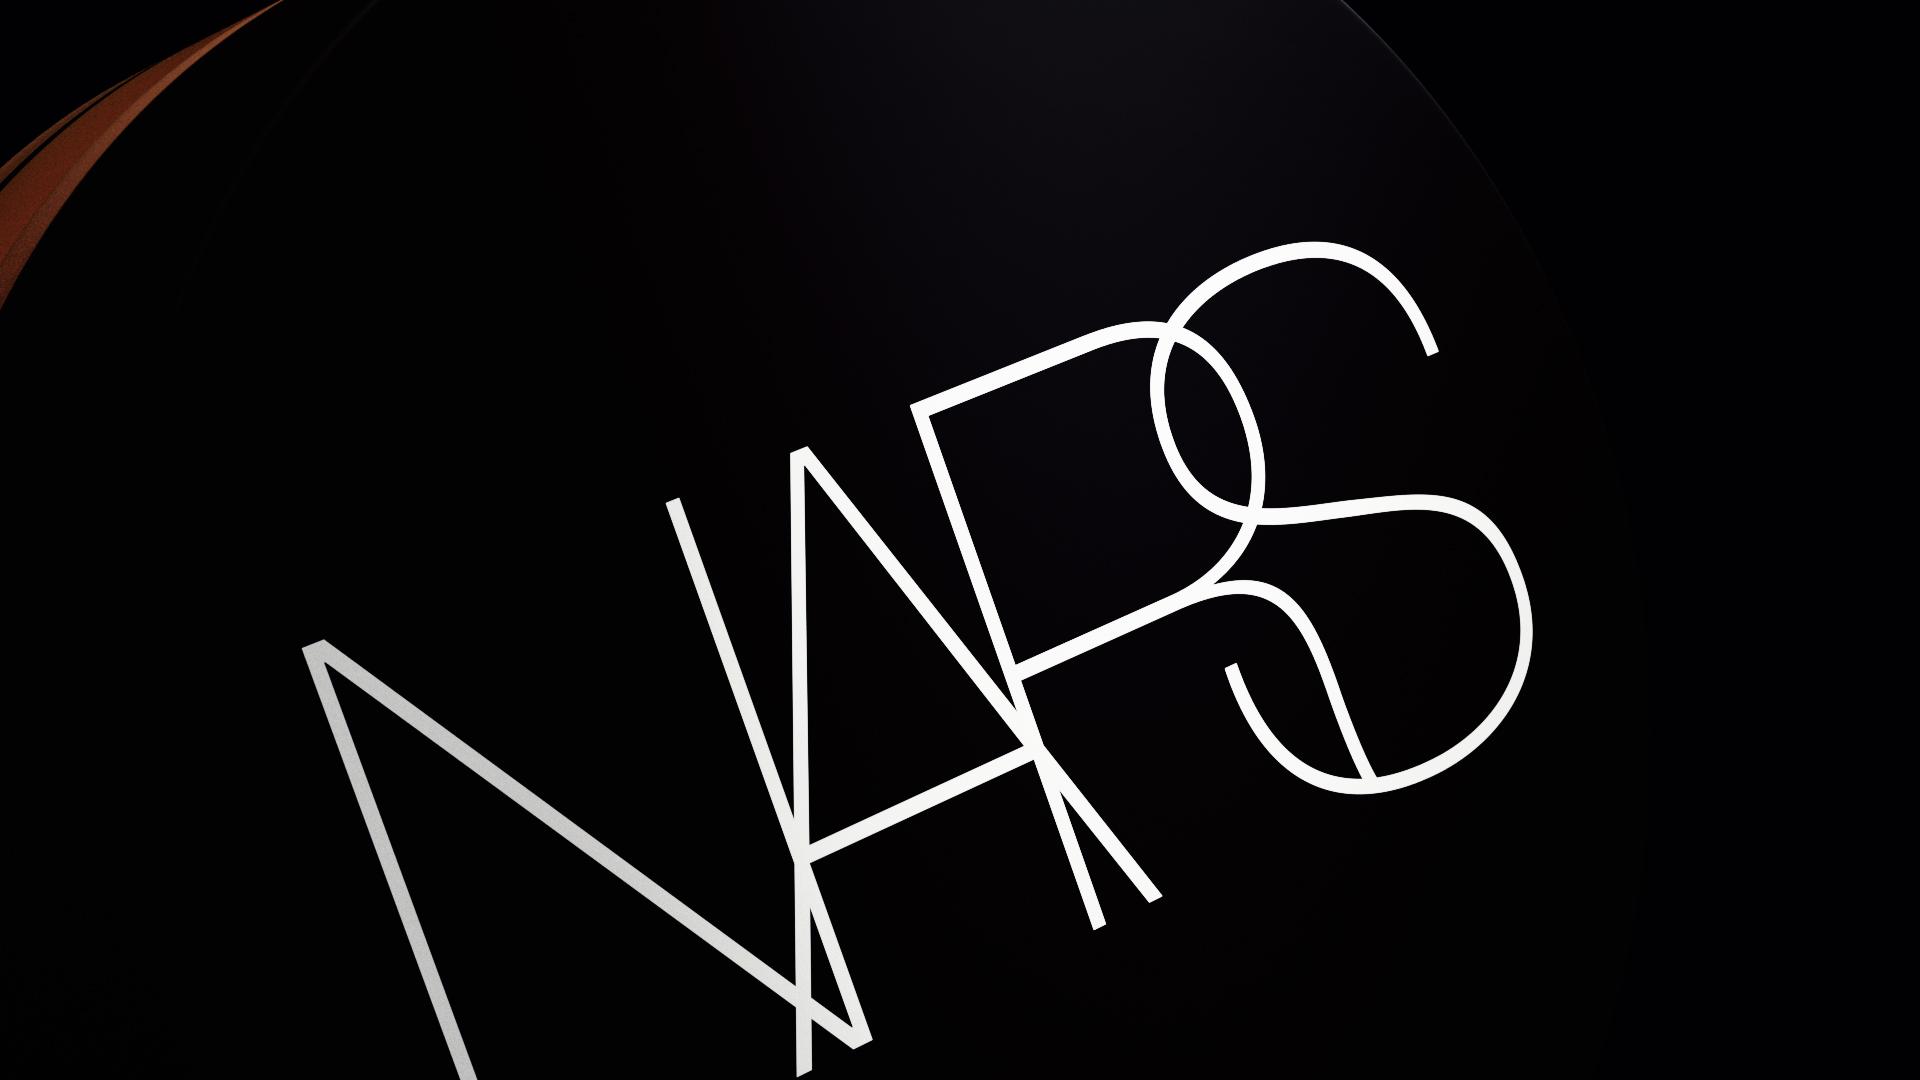 NARS_SHOT_01_GLOBAL_A